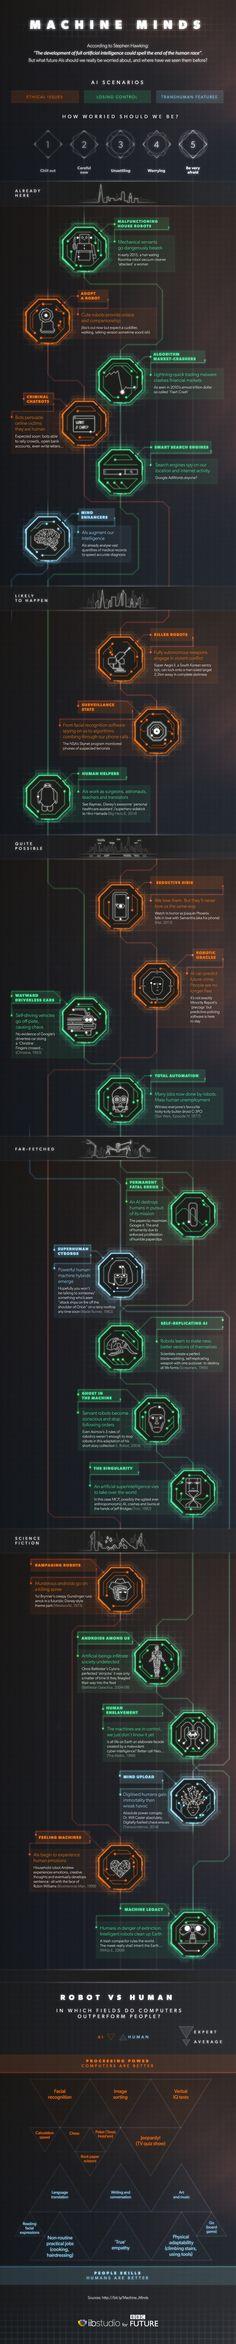 #Machine Minds #ArtificialIntelligence